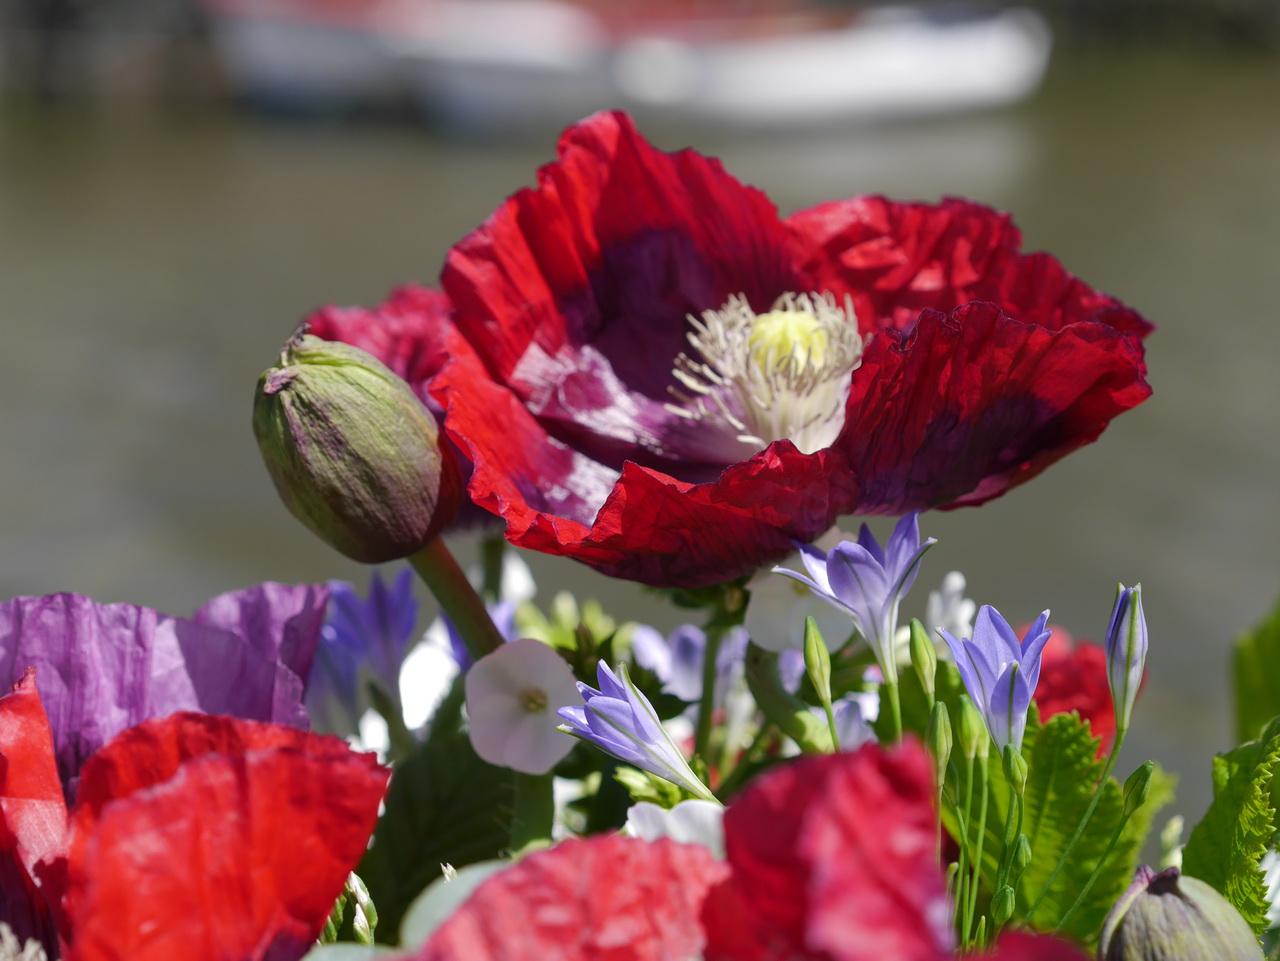 Wicklow flowers